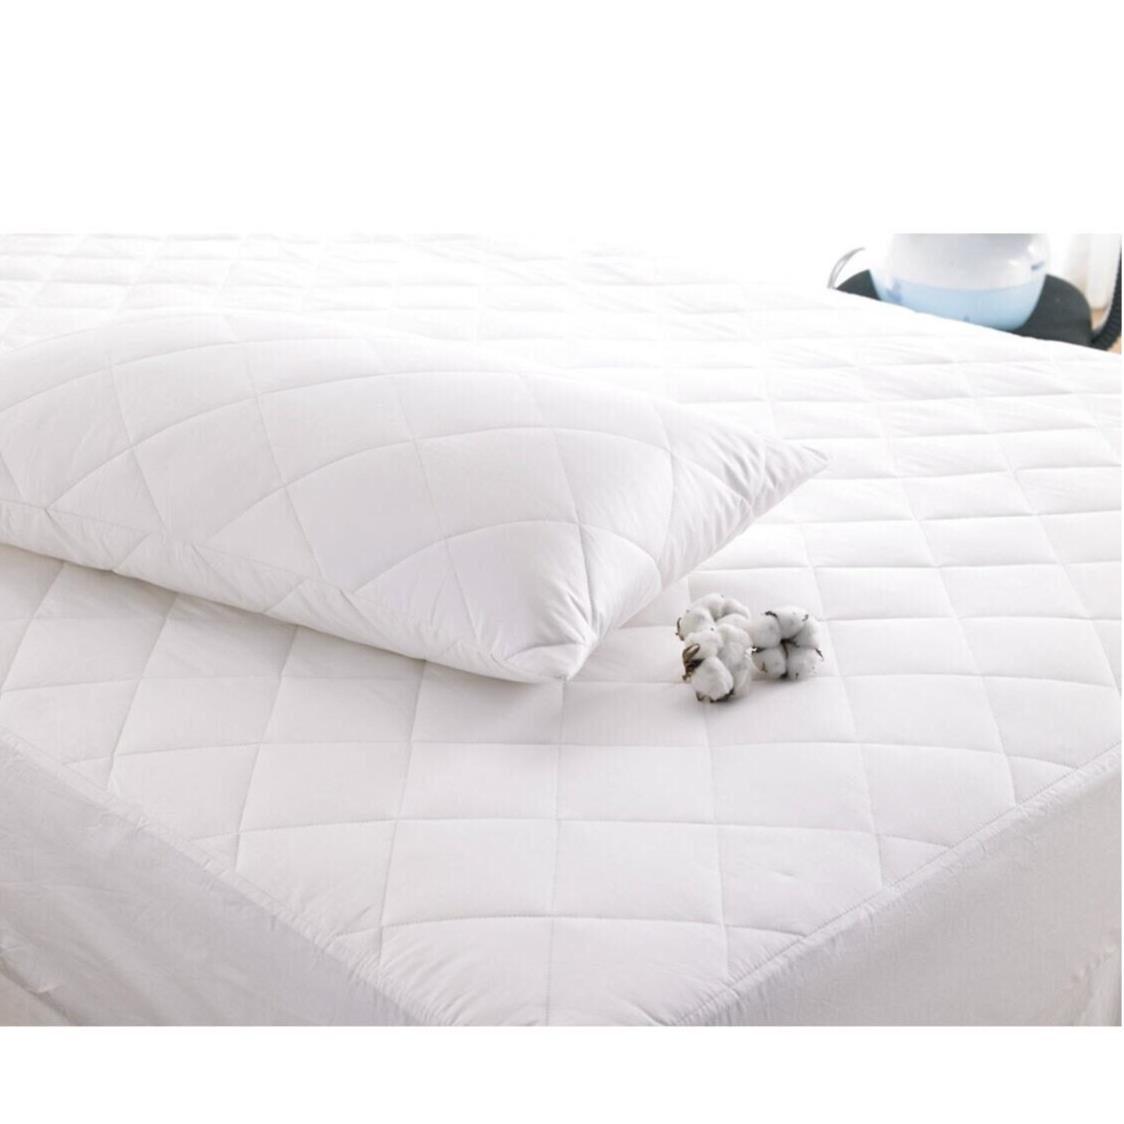 Ueno Cotton Pillow Pad